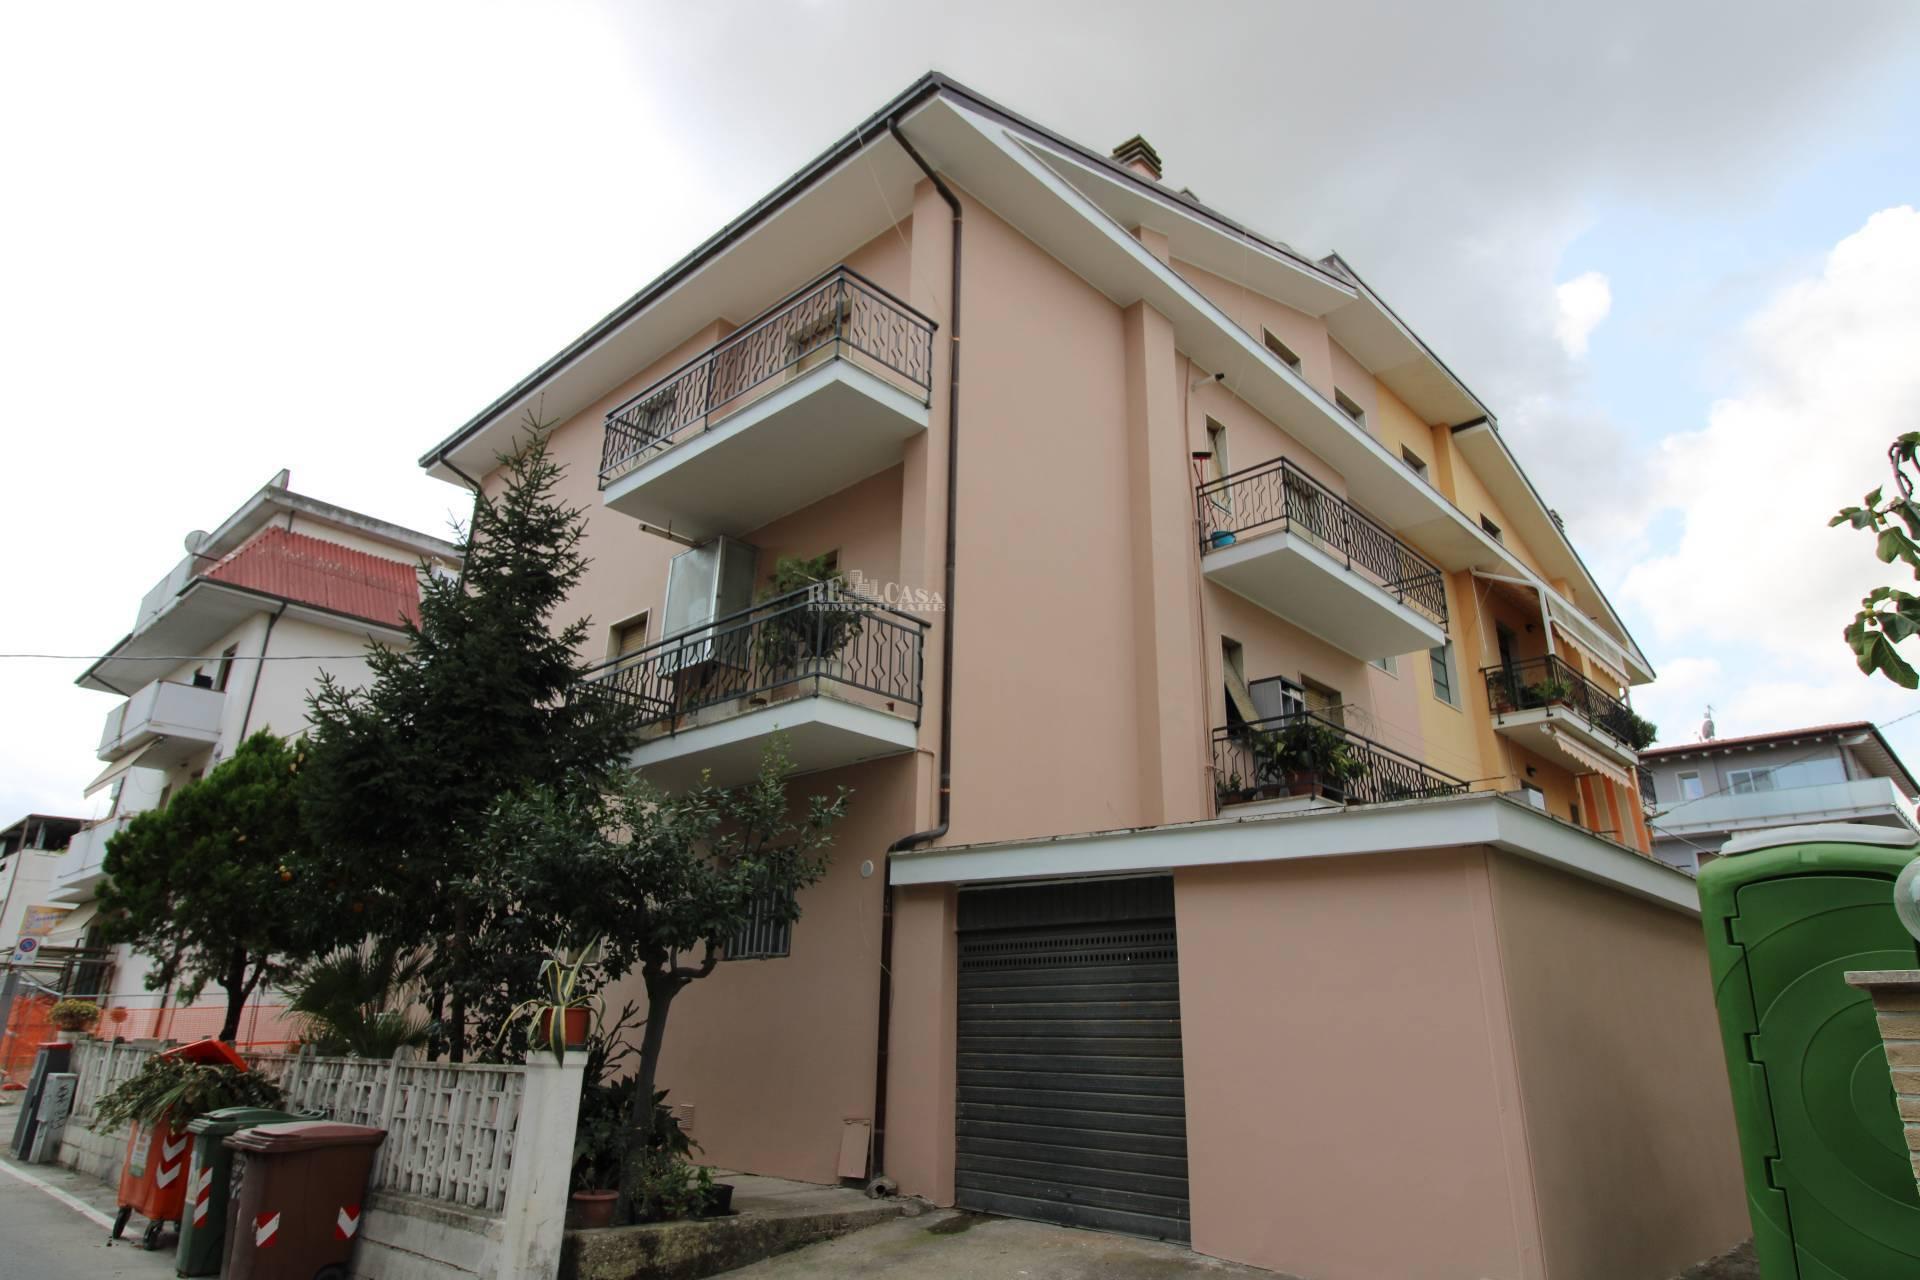 Appartamento in vendita a Monteprandone, 6 locali, zona Località: CENTOBUCHI(sottolasalaria, prezzo € 149.000   PortaleAgenzieImmobiliari.it